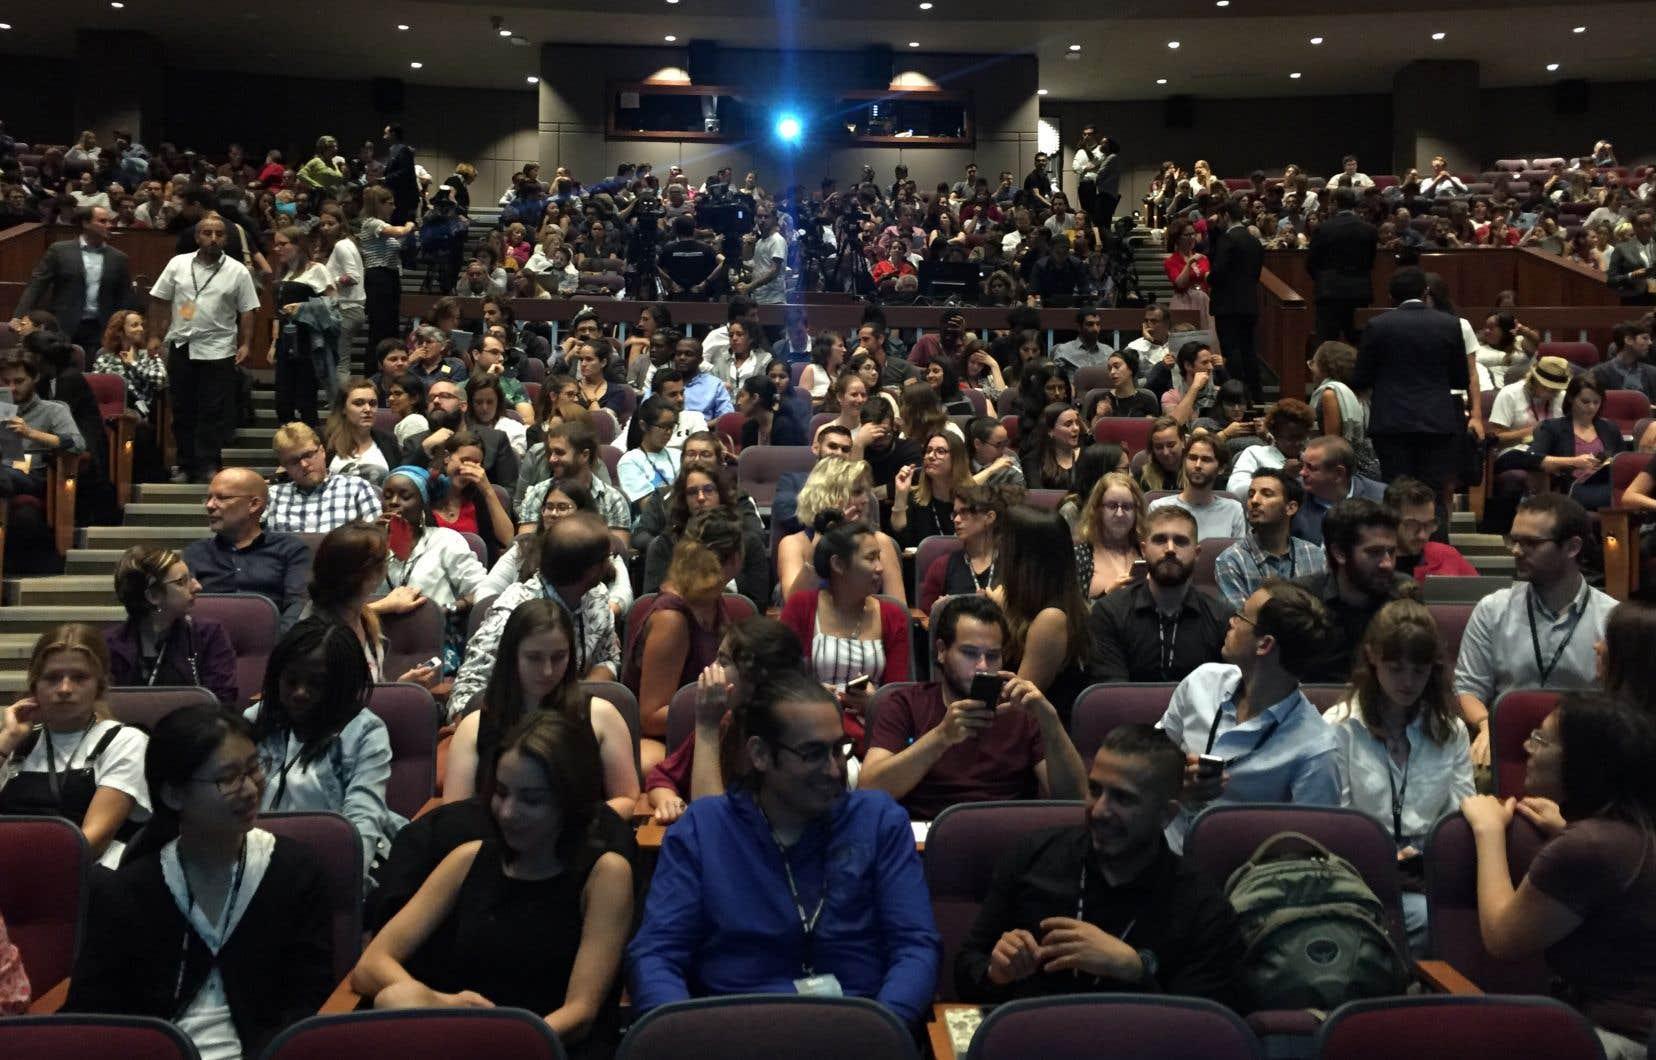 Rassemblés à l'Université Concordia, environ 700 jeunes ont assisté au dialogue entre les quatre chefs politiques.